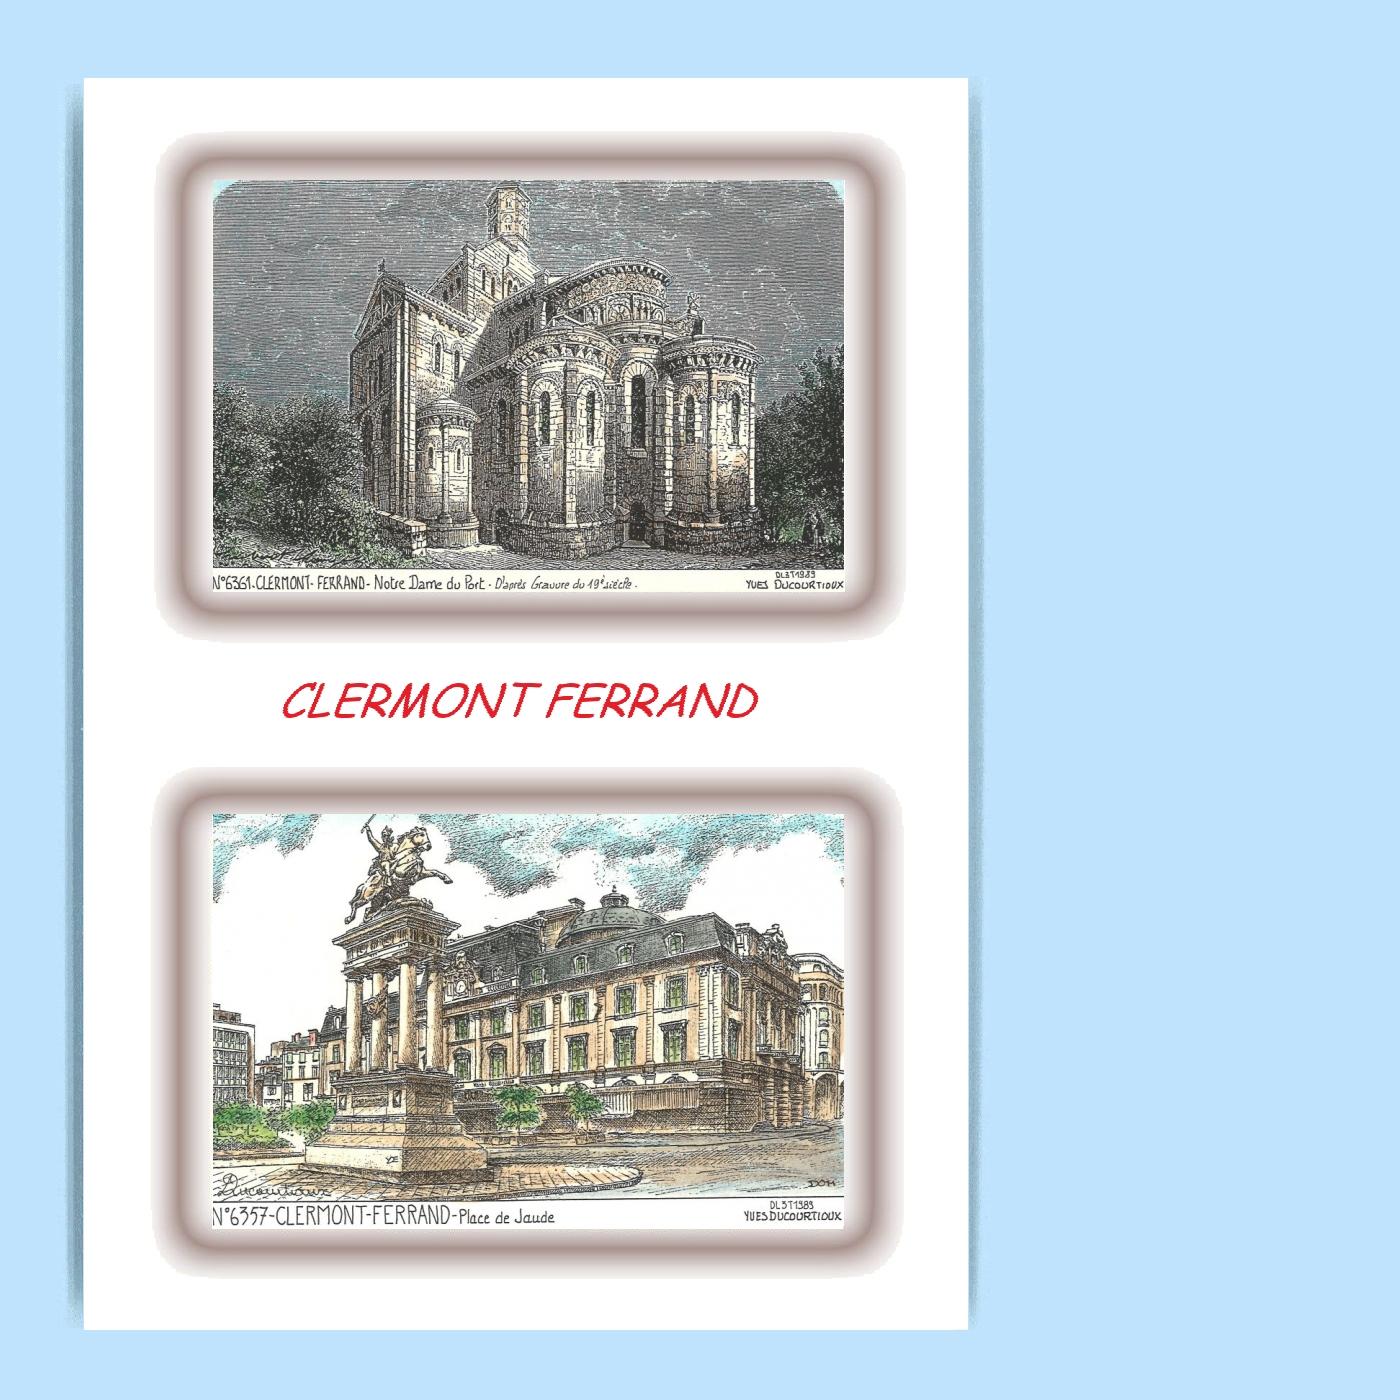 CP-L-63057-061-CARTE-POSTALE-DESSIN-COULEUR-2-VUES-63-CLERMONT-FERRAND